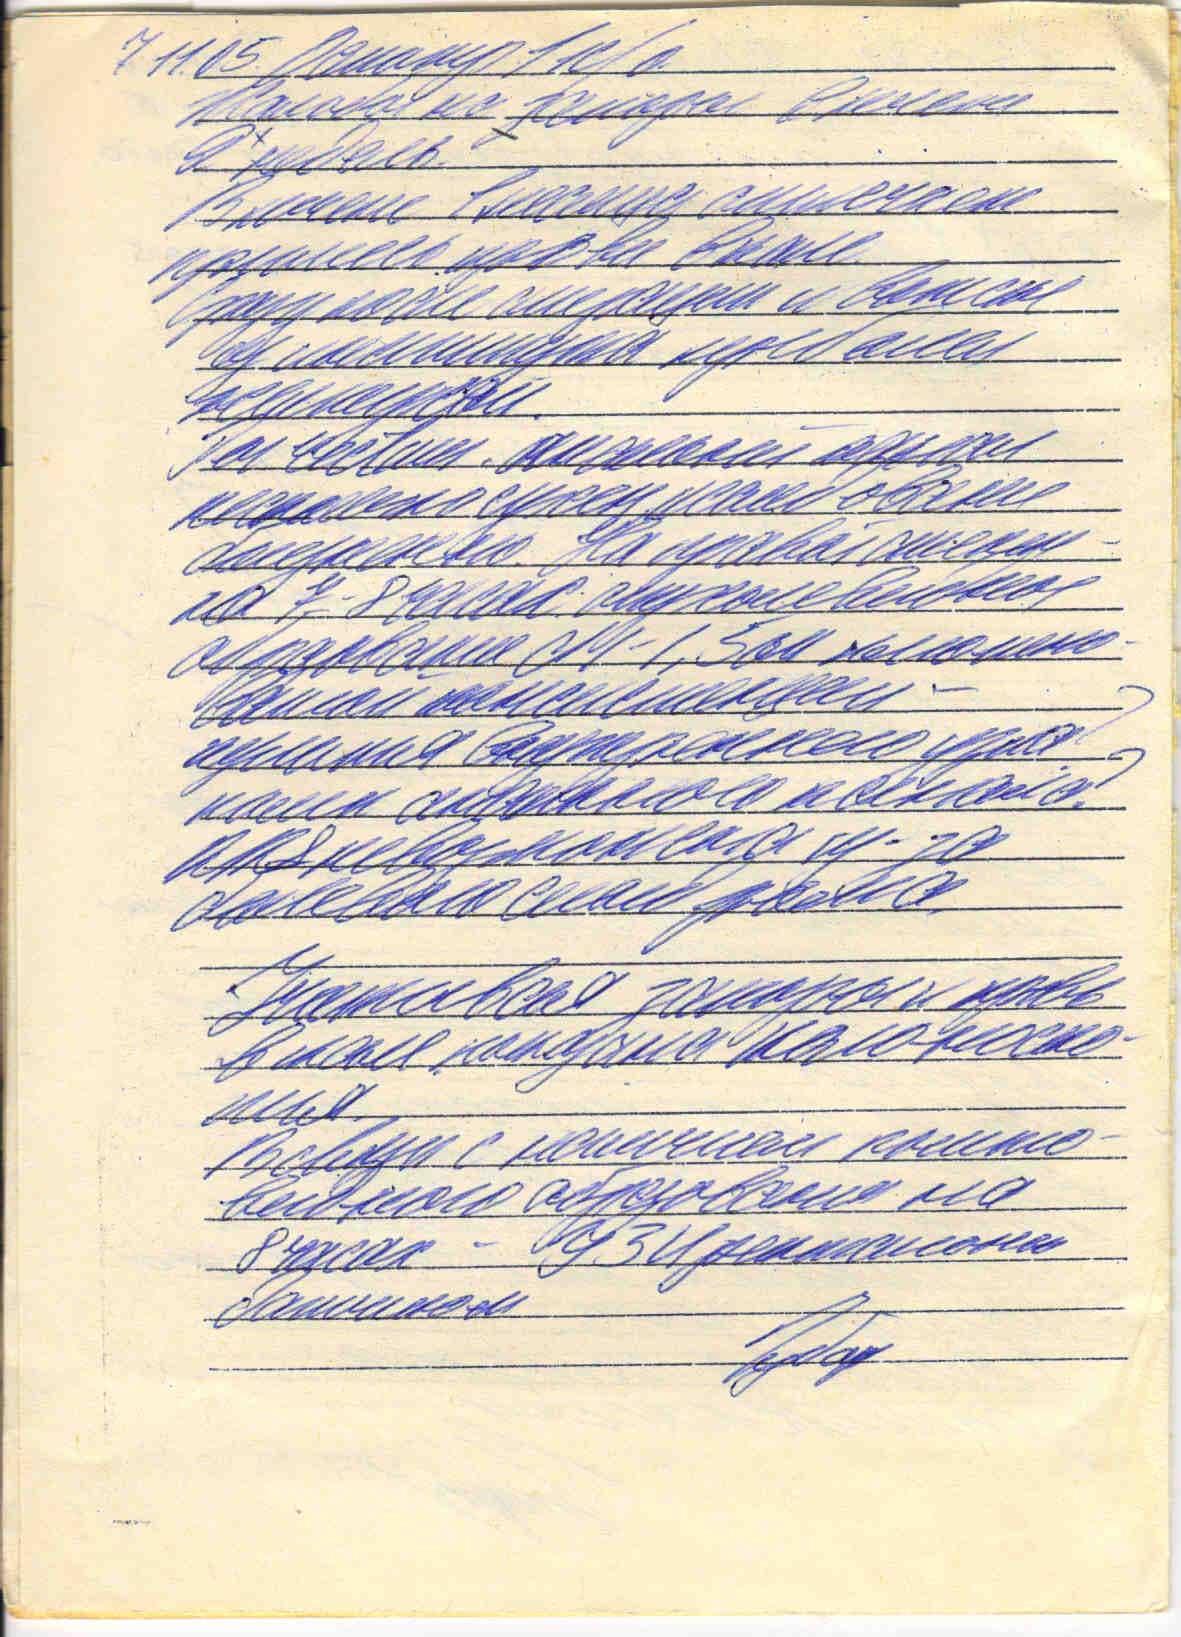 бланки документов история: